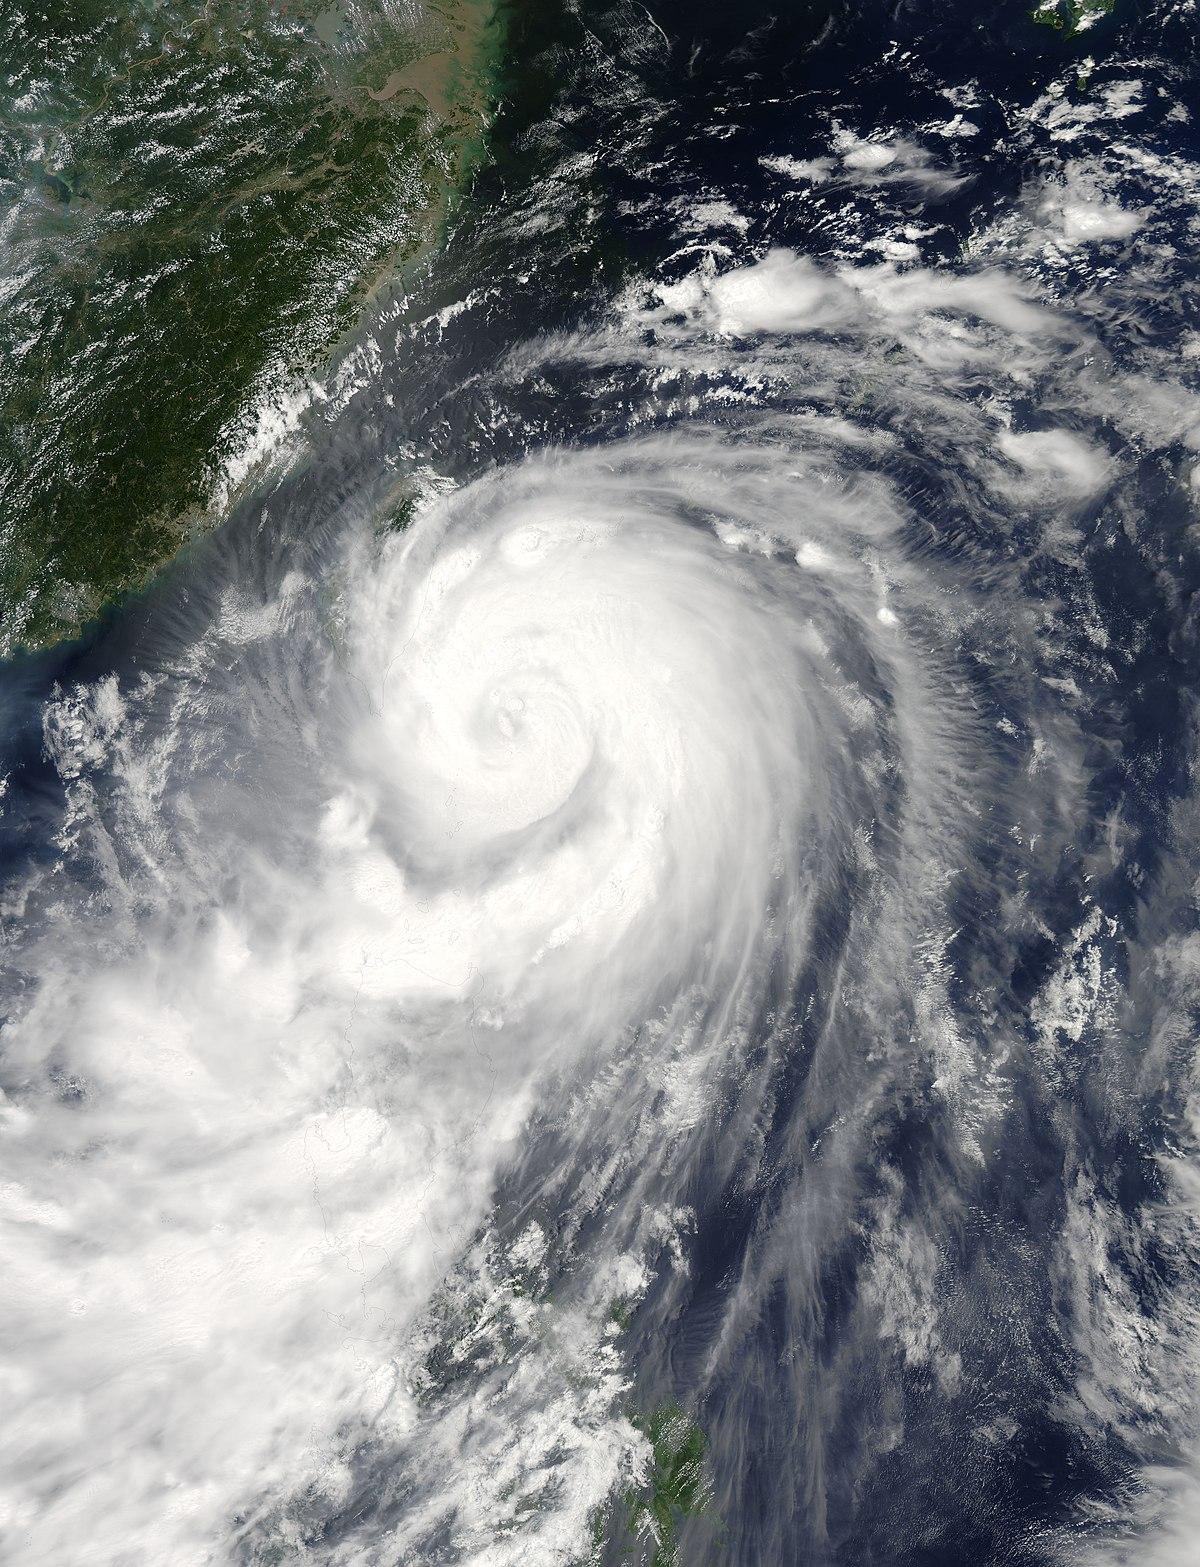 Tyfonen matmo drabbar taiwan